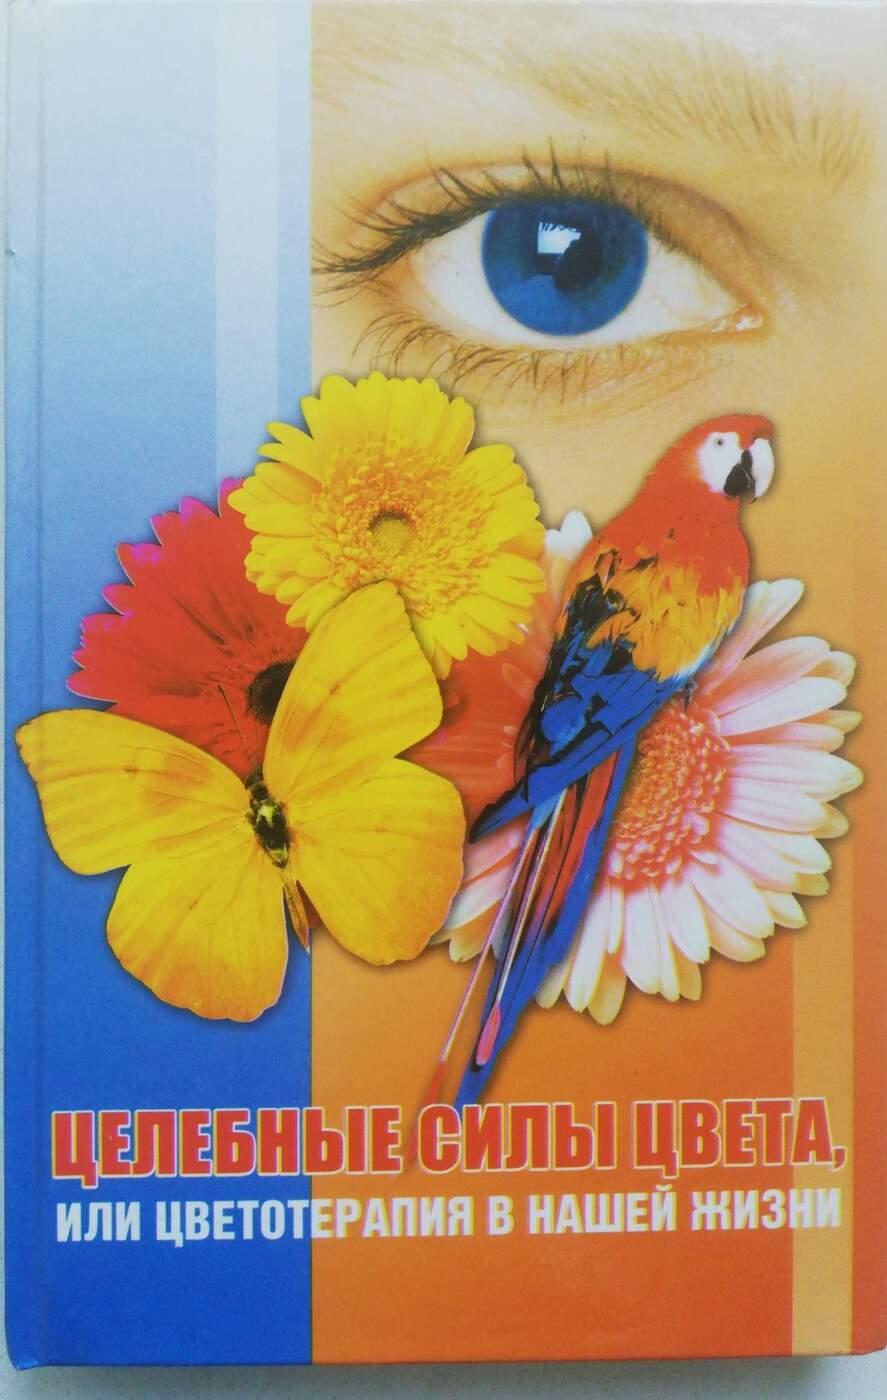 К. Крестовская. Целебные силы цвета, или Цветотерапия в нашей жизни